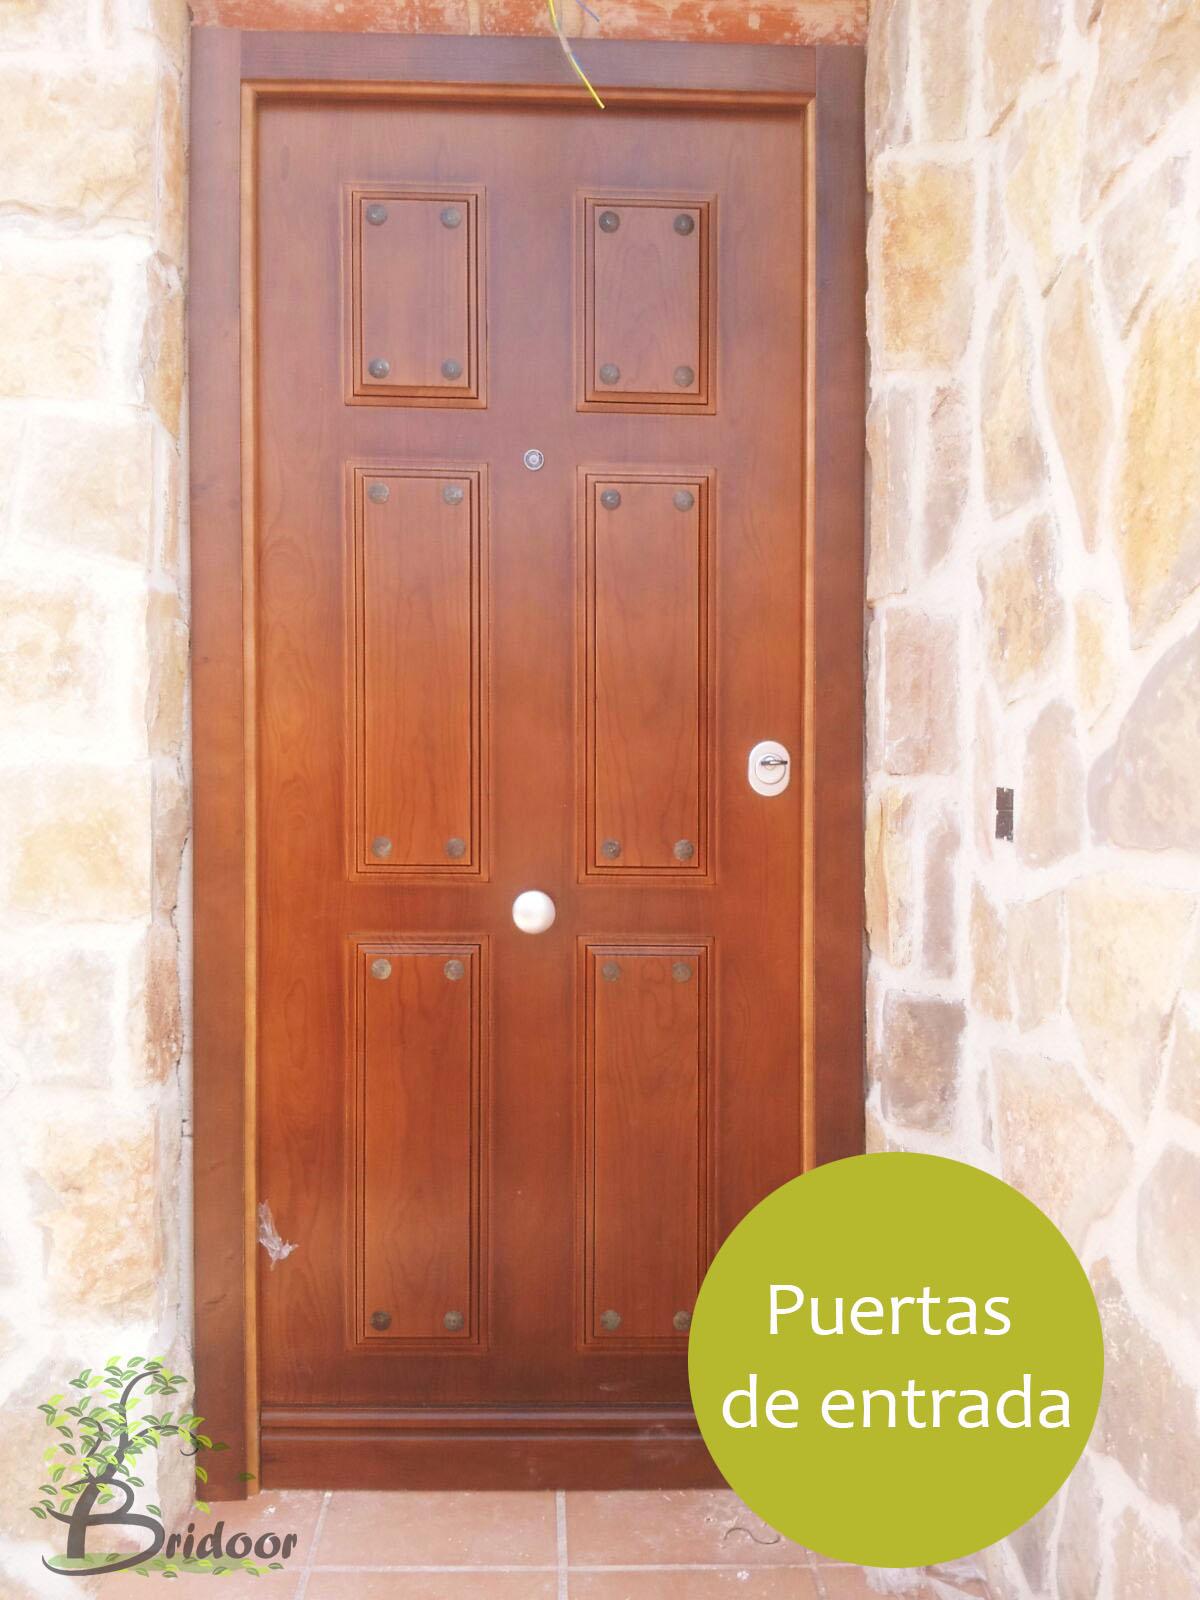 Bridoor s l puerta de entrada roble en soto del real for Modelos de puertas de madera para puerta principal